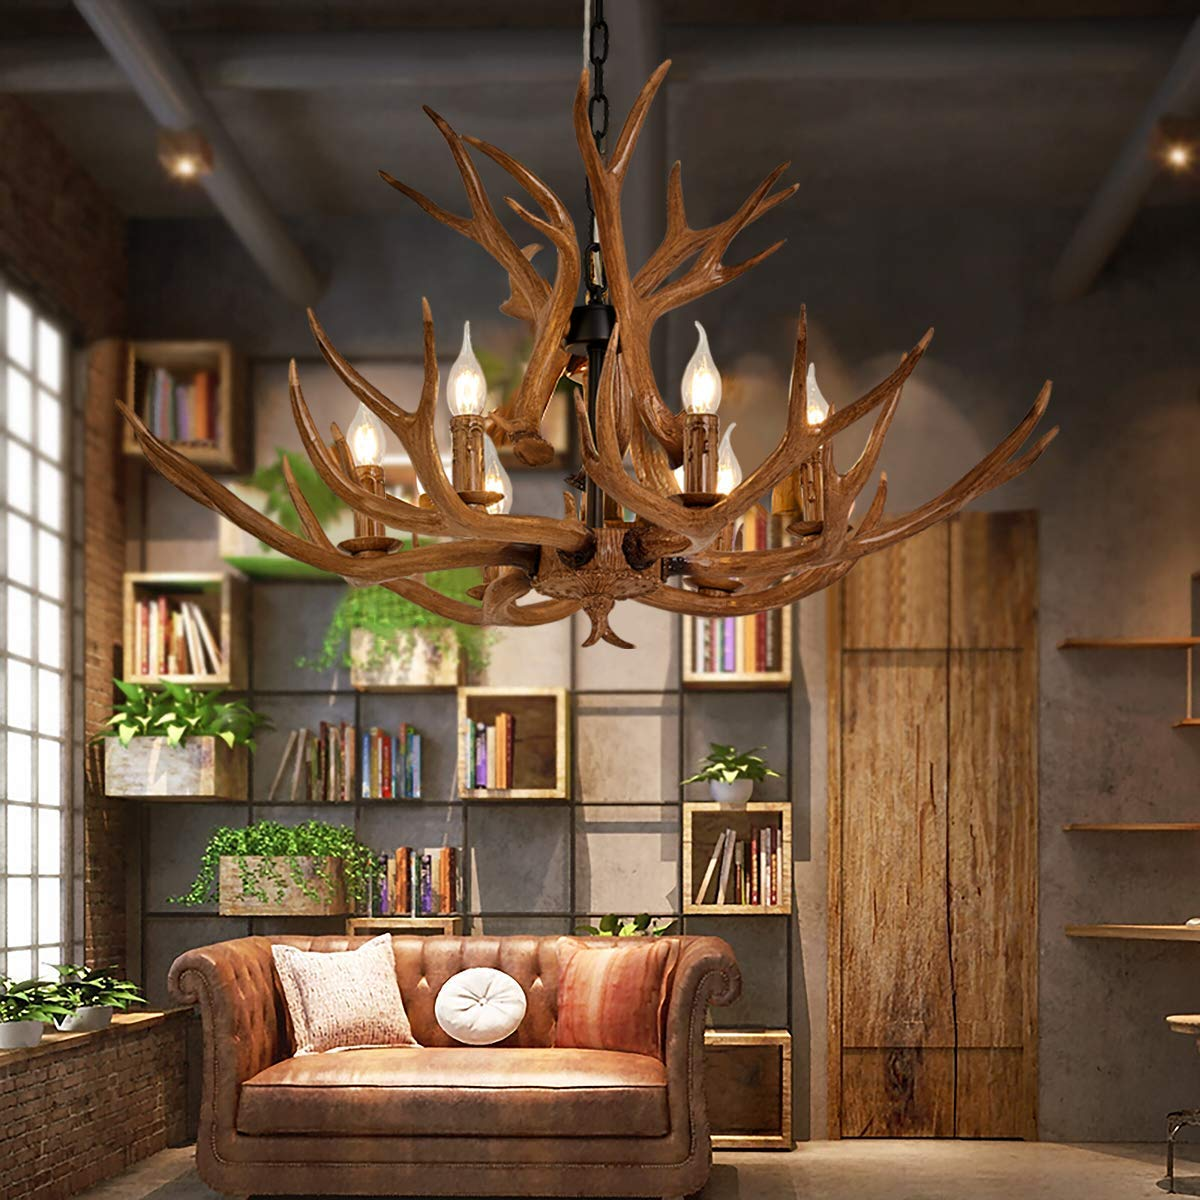 Light antler chandeliers fixtures resin deer antlers dining room lighting fixtures hanging indoor decorative twig lights for living